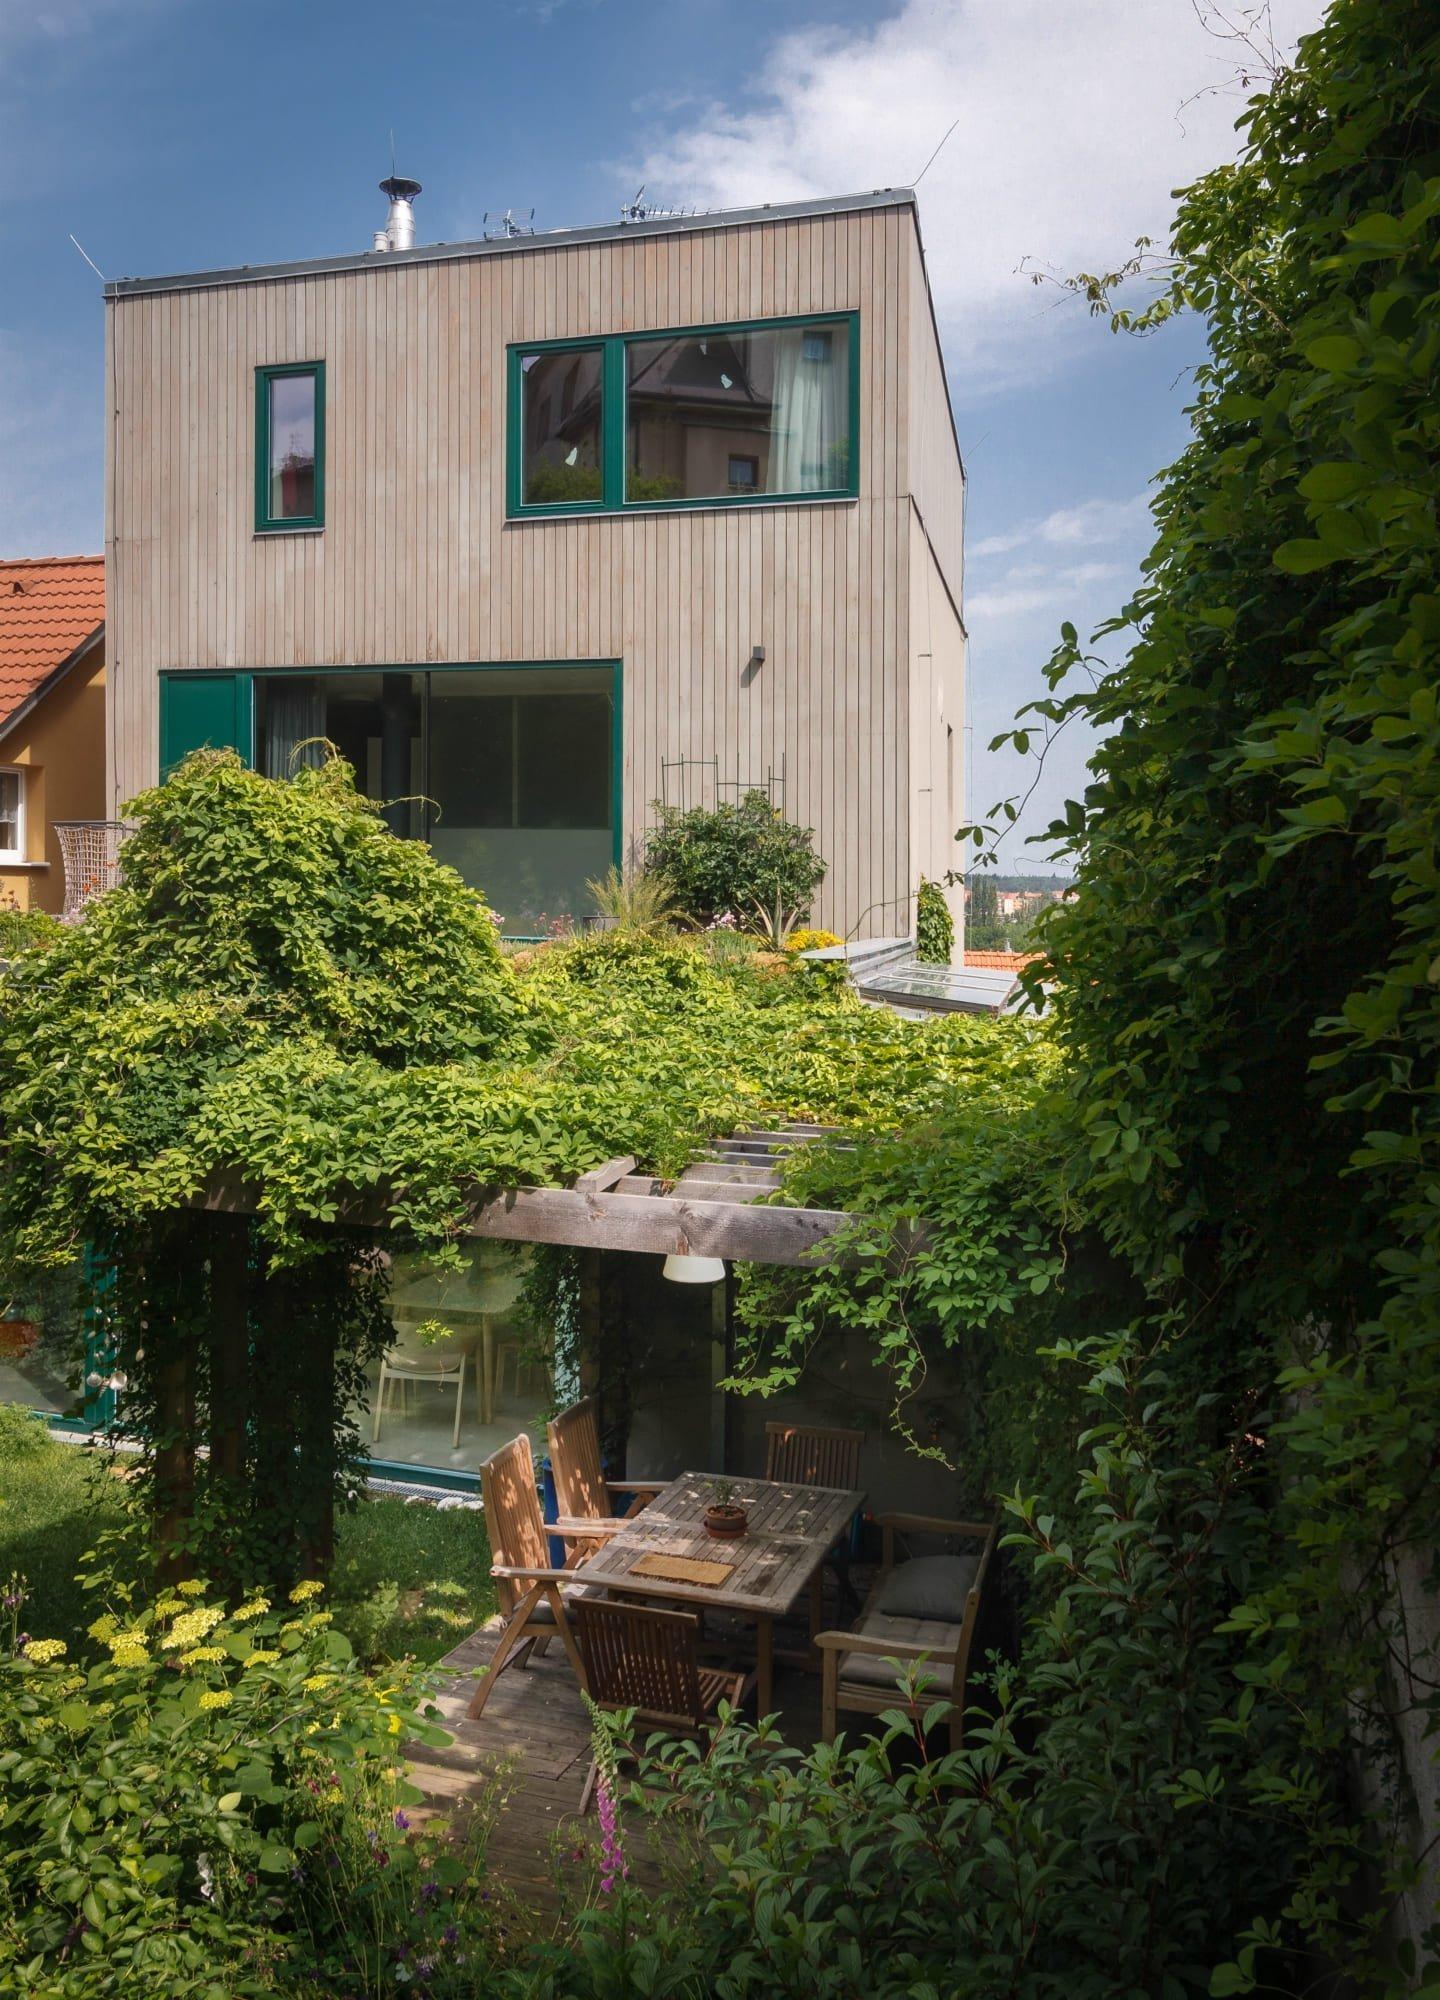 Rodinný dům v divoké zahradě se sklípkem ve skále